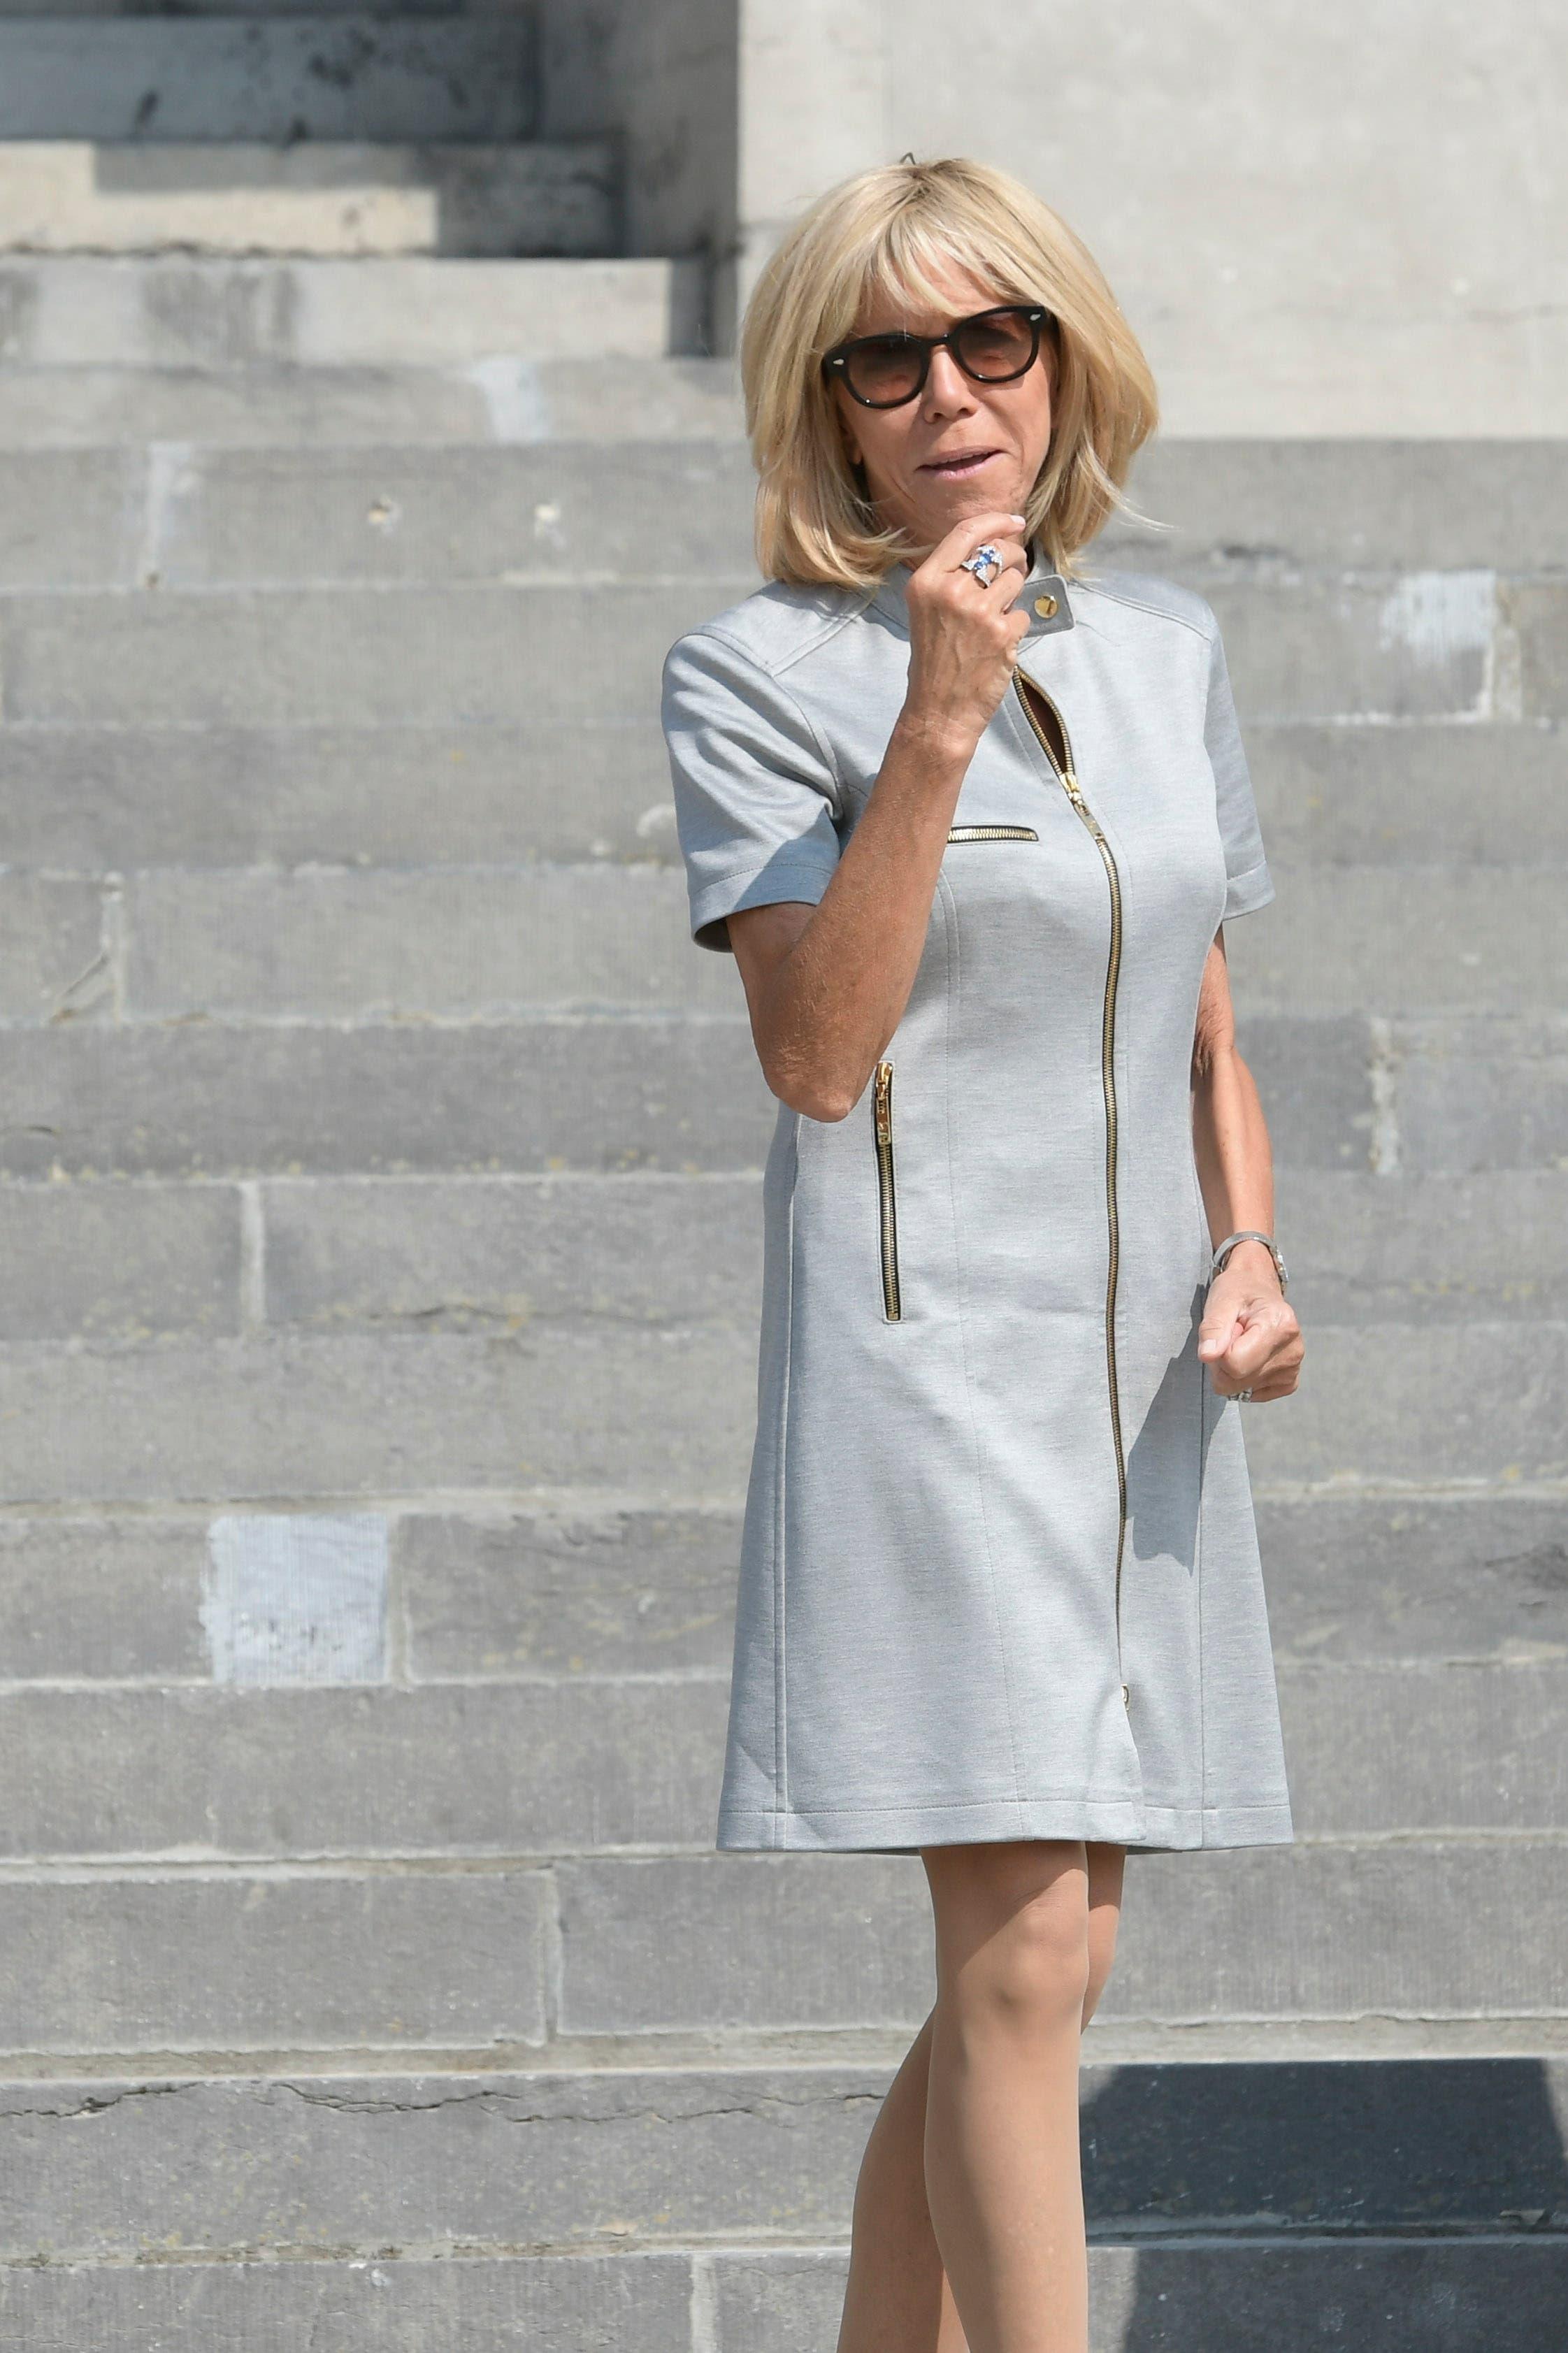 Die französische First Lady Brigitte Macron. (Bild: epa)